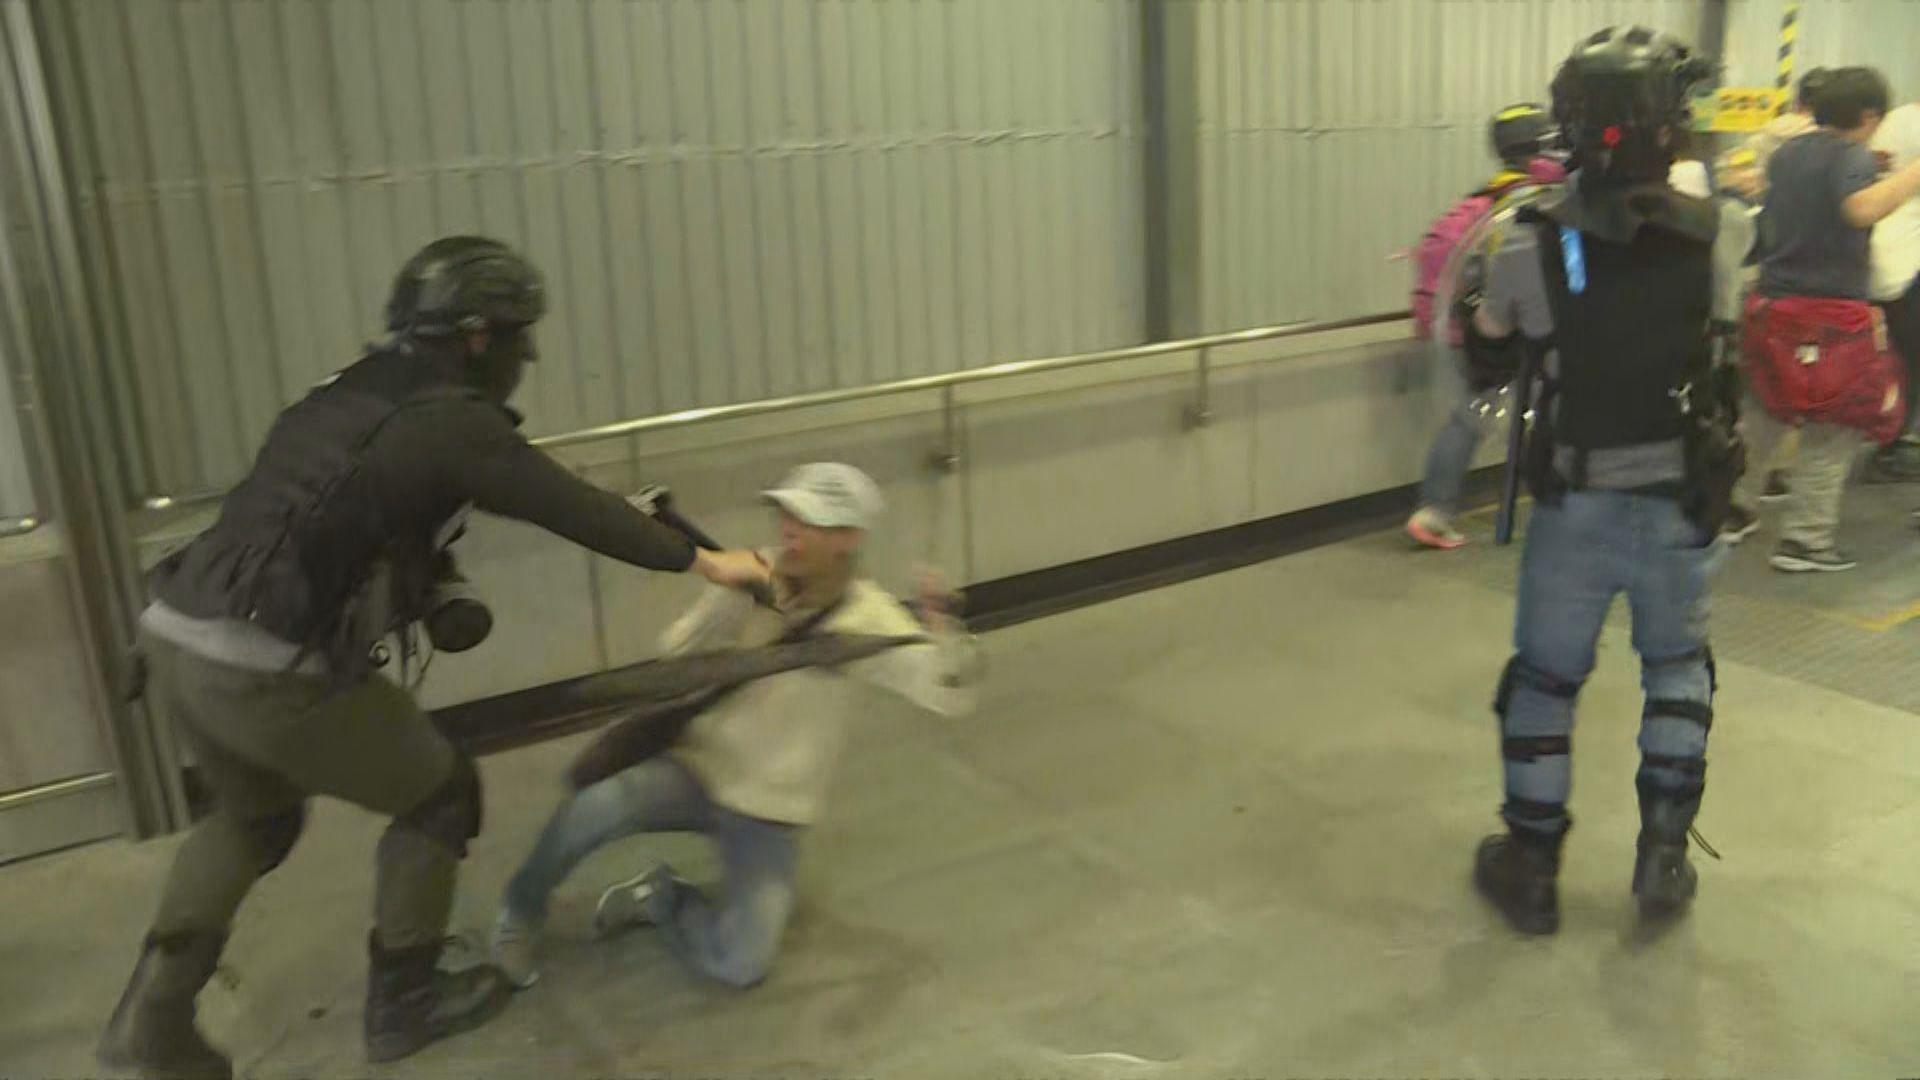 防暴尖東站出入口驅趕 施放胡椒噴霧及推跌市民